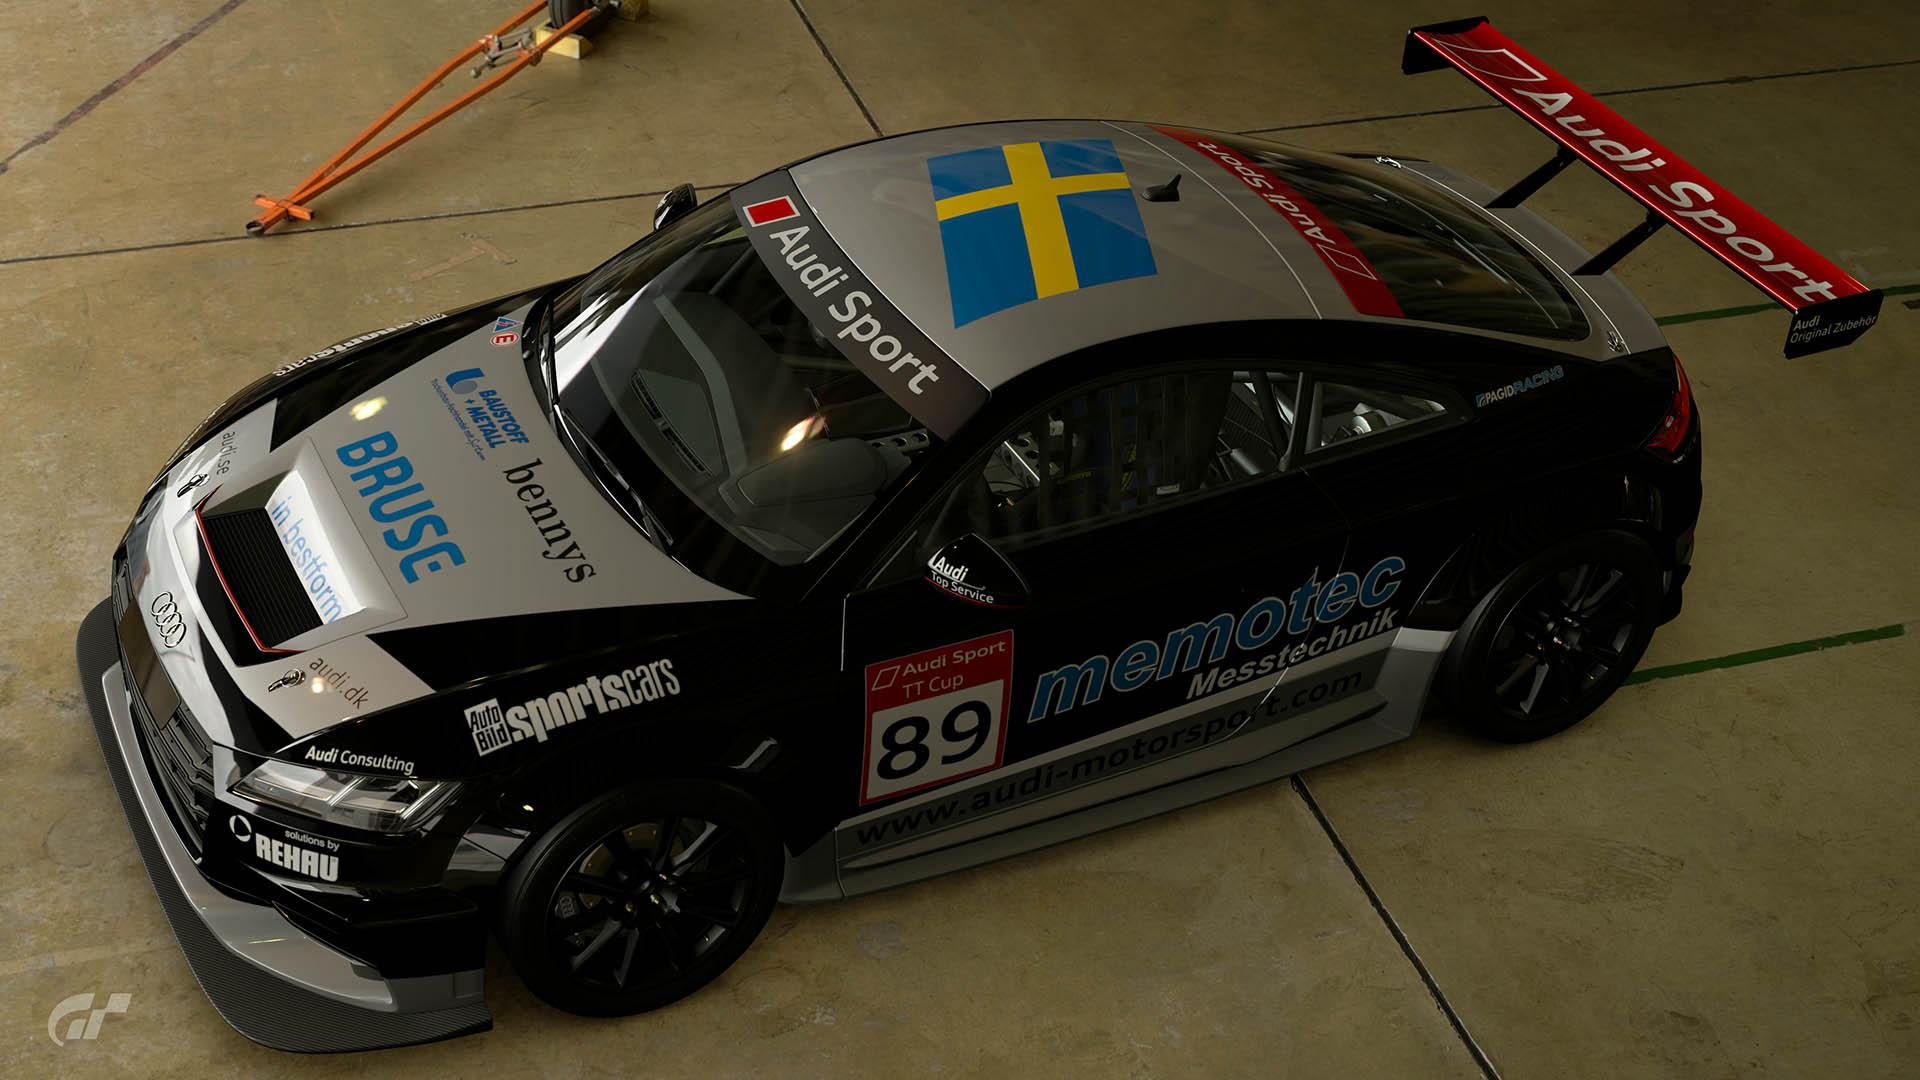 2015 Audi TT Cup #89 Mikaela Åhlin-Kottulinsky